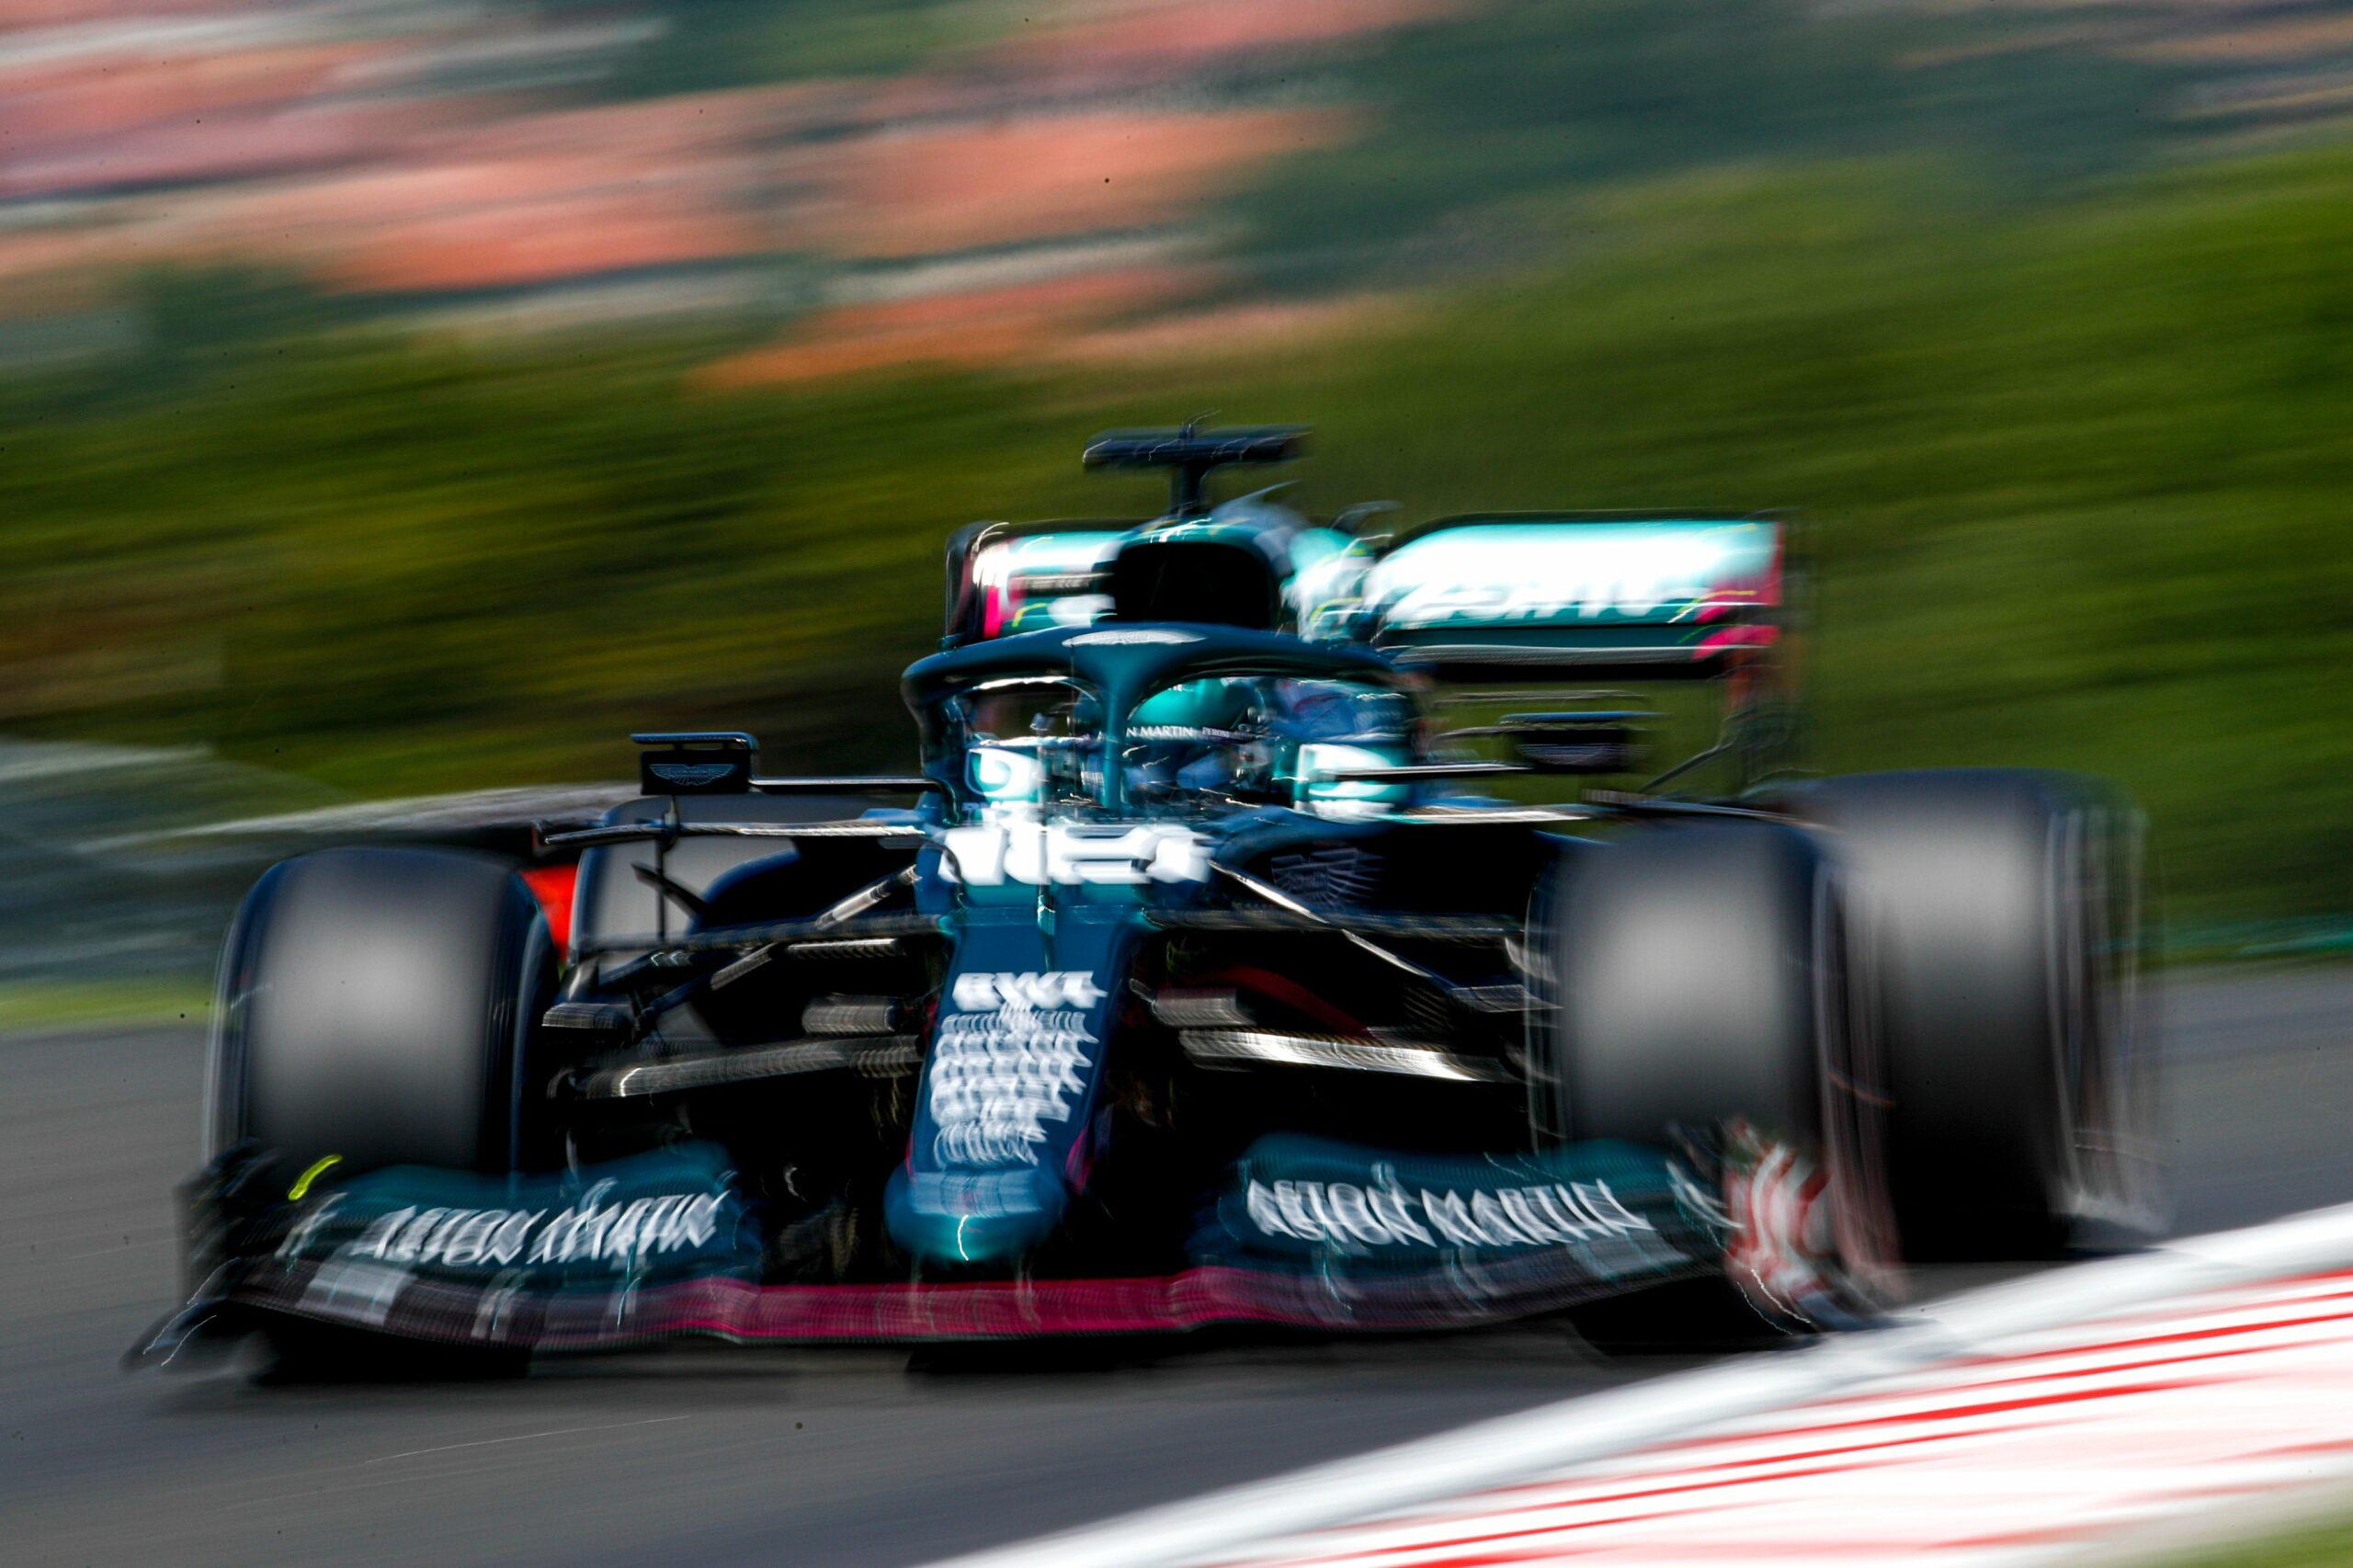 F1 - Pneus : les stratégies possibles au Grand Prix de Hongrie